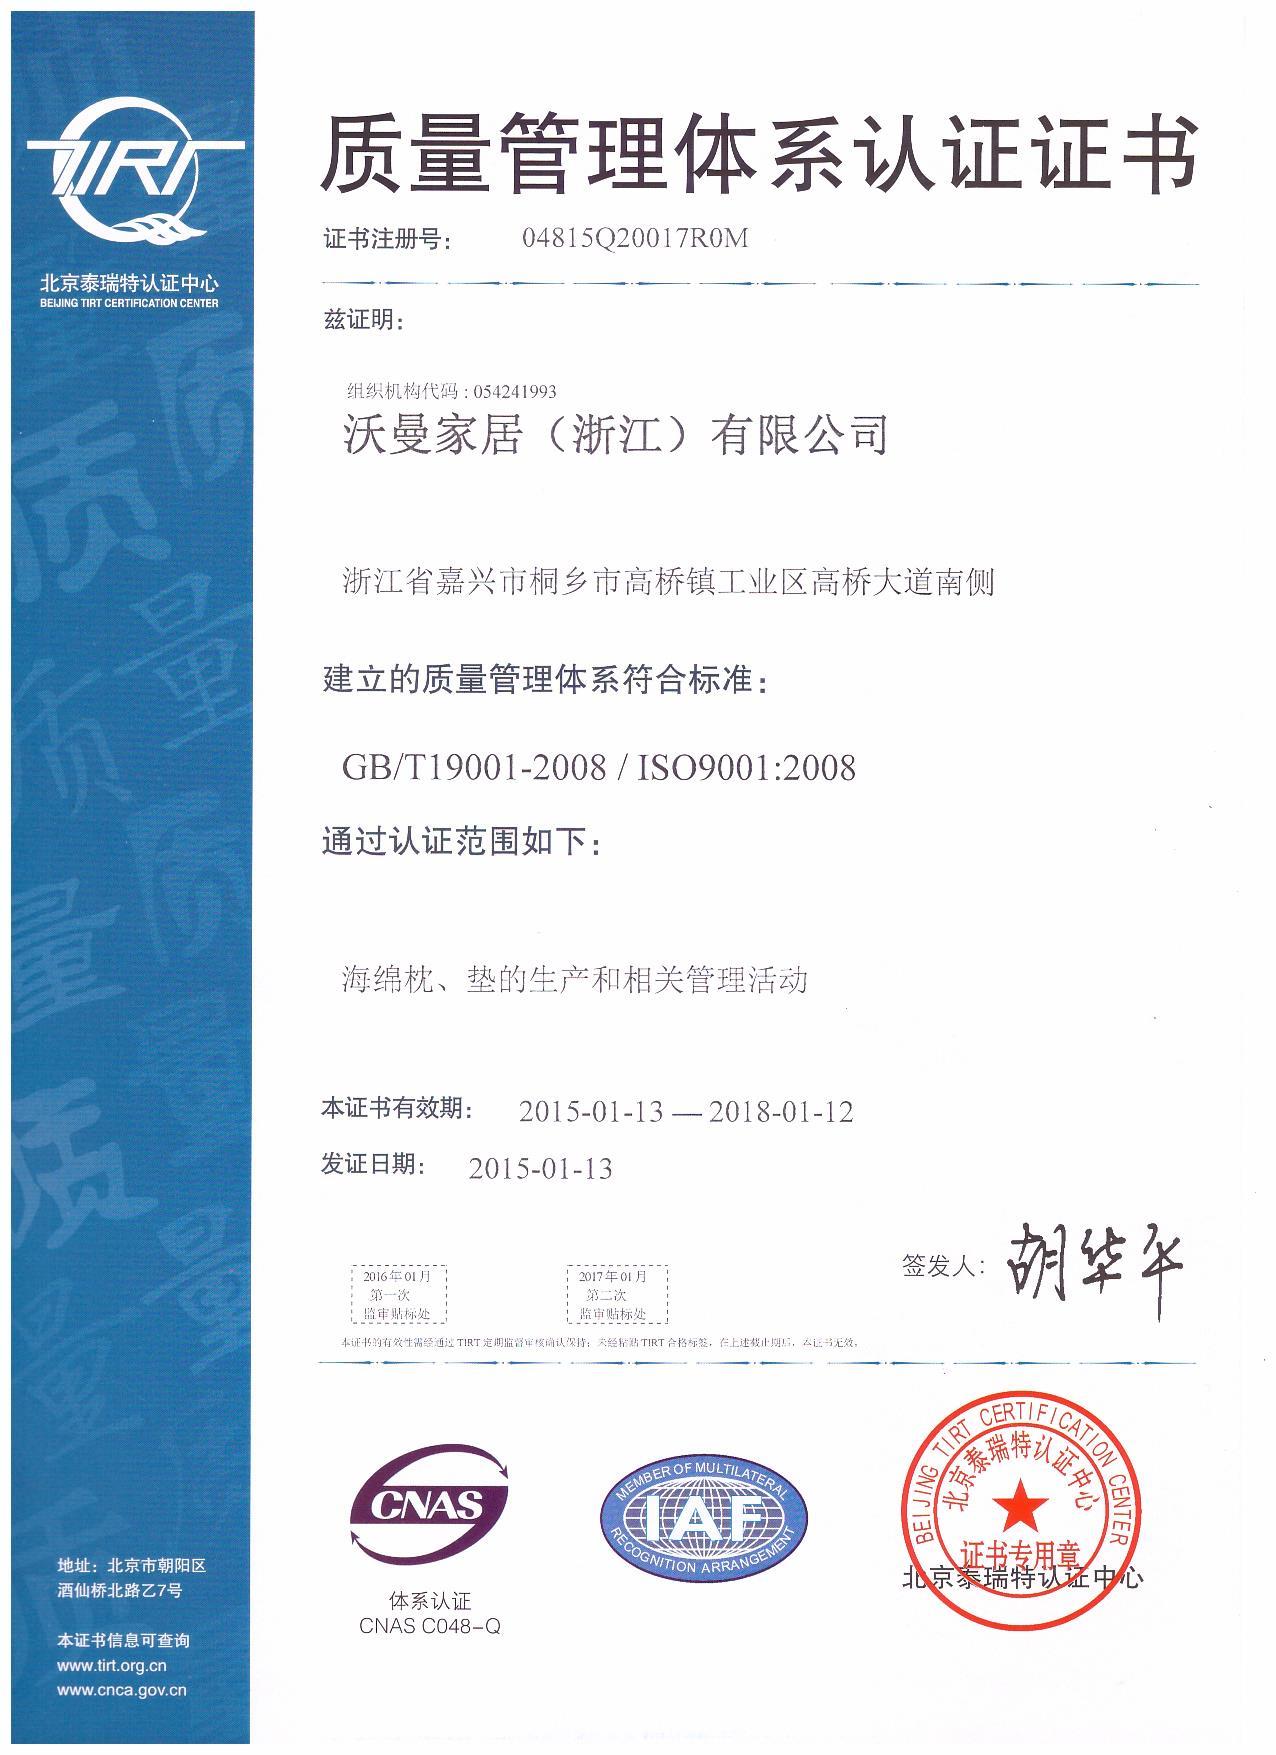 质量体系认证证书-中文-min